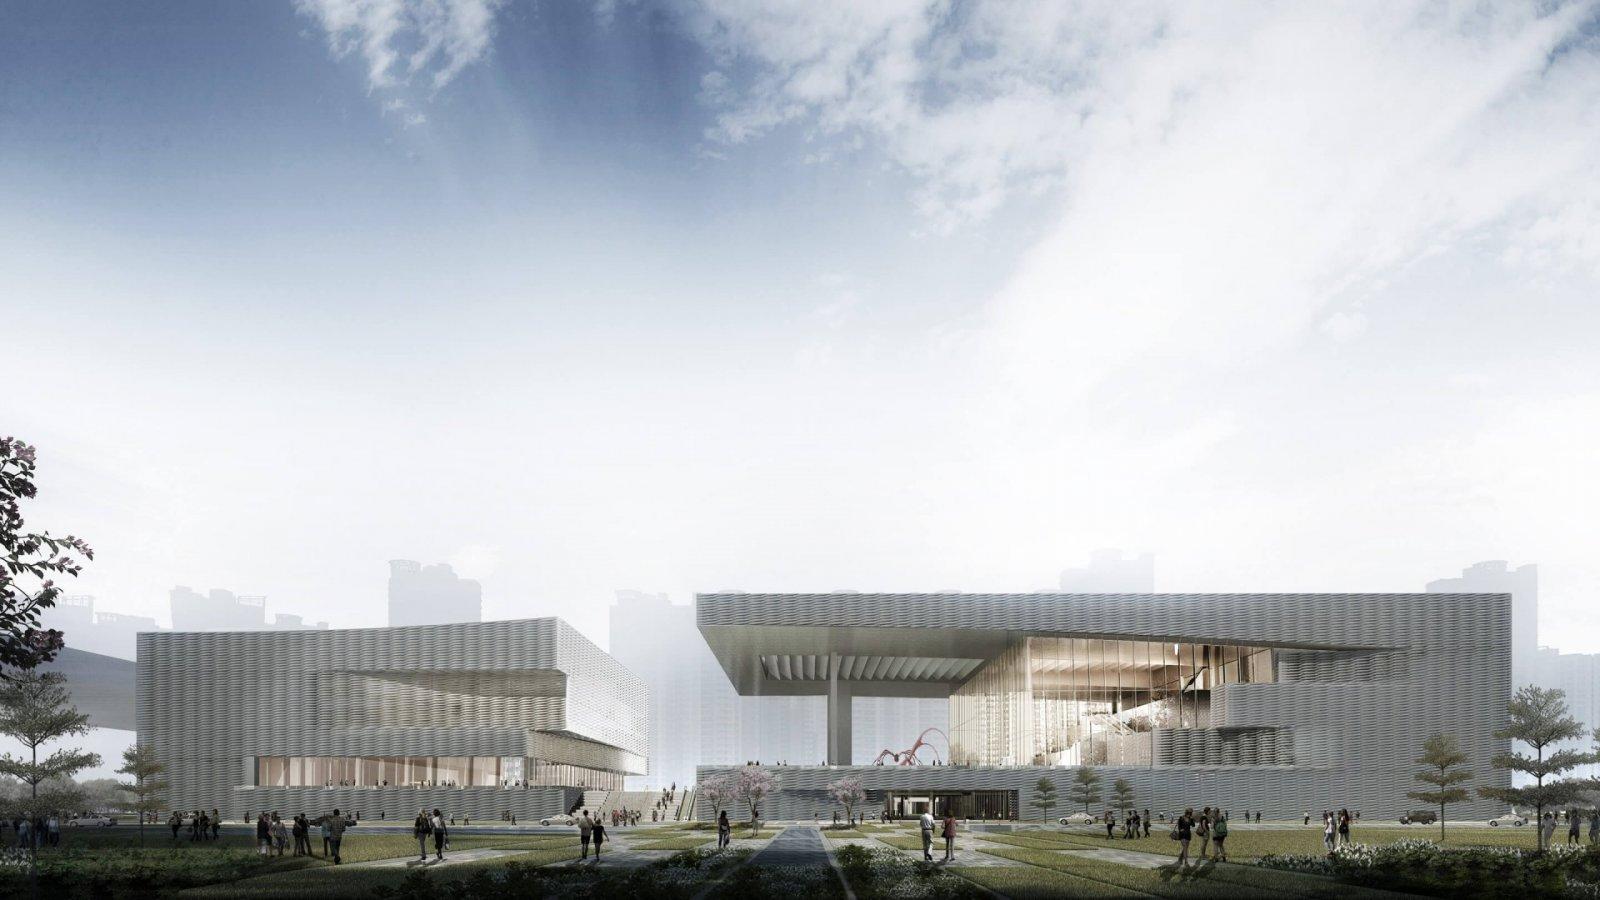 Shenzhen Art Museum New Venue & Shenzhen Second Library